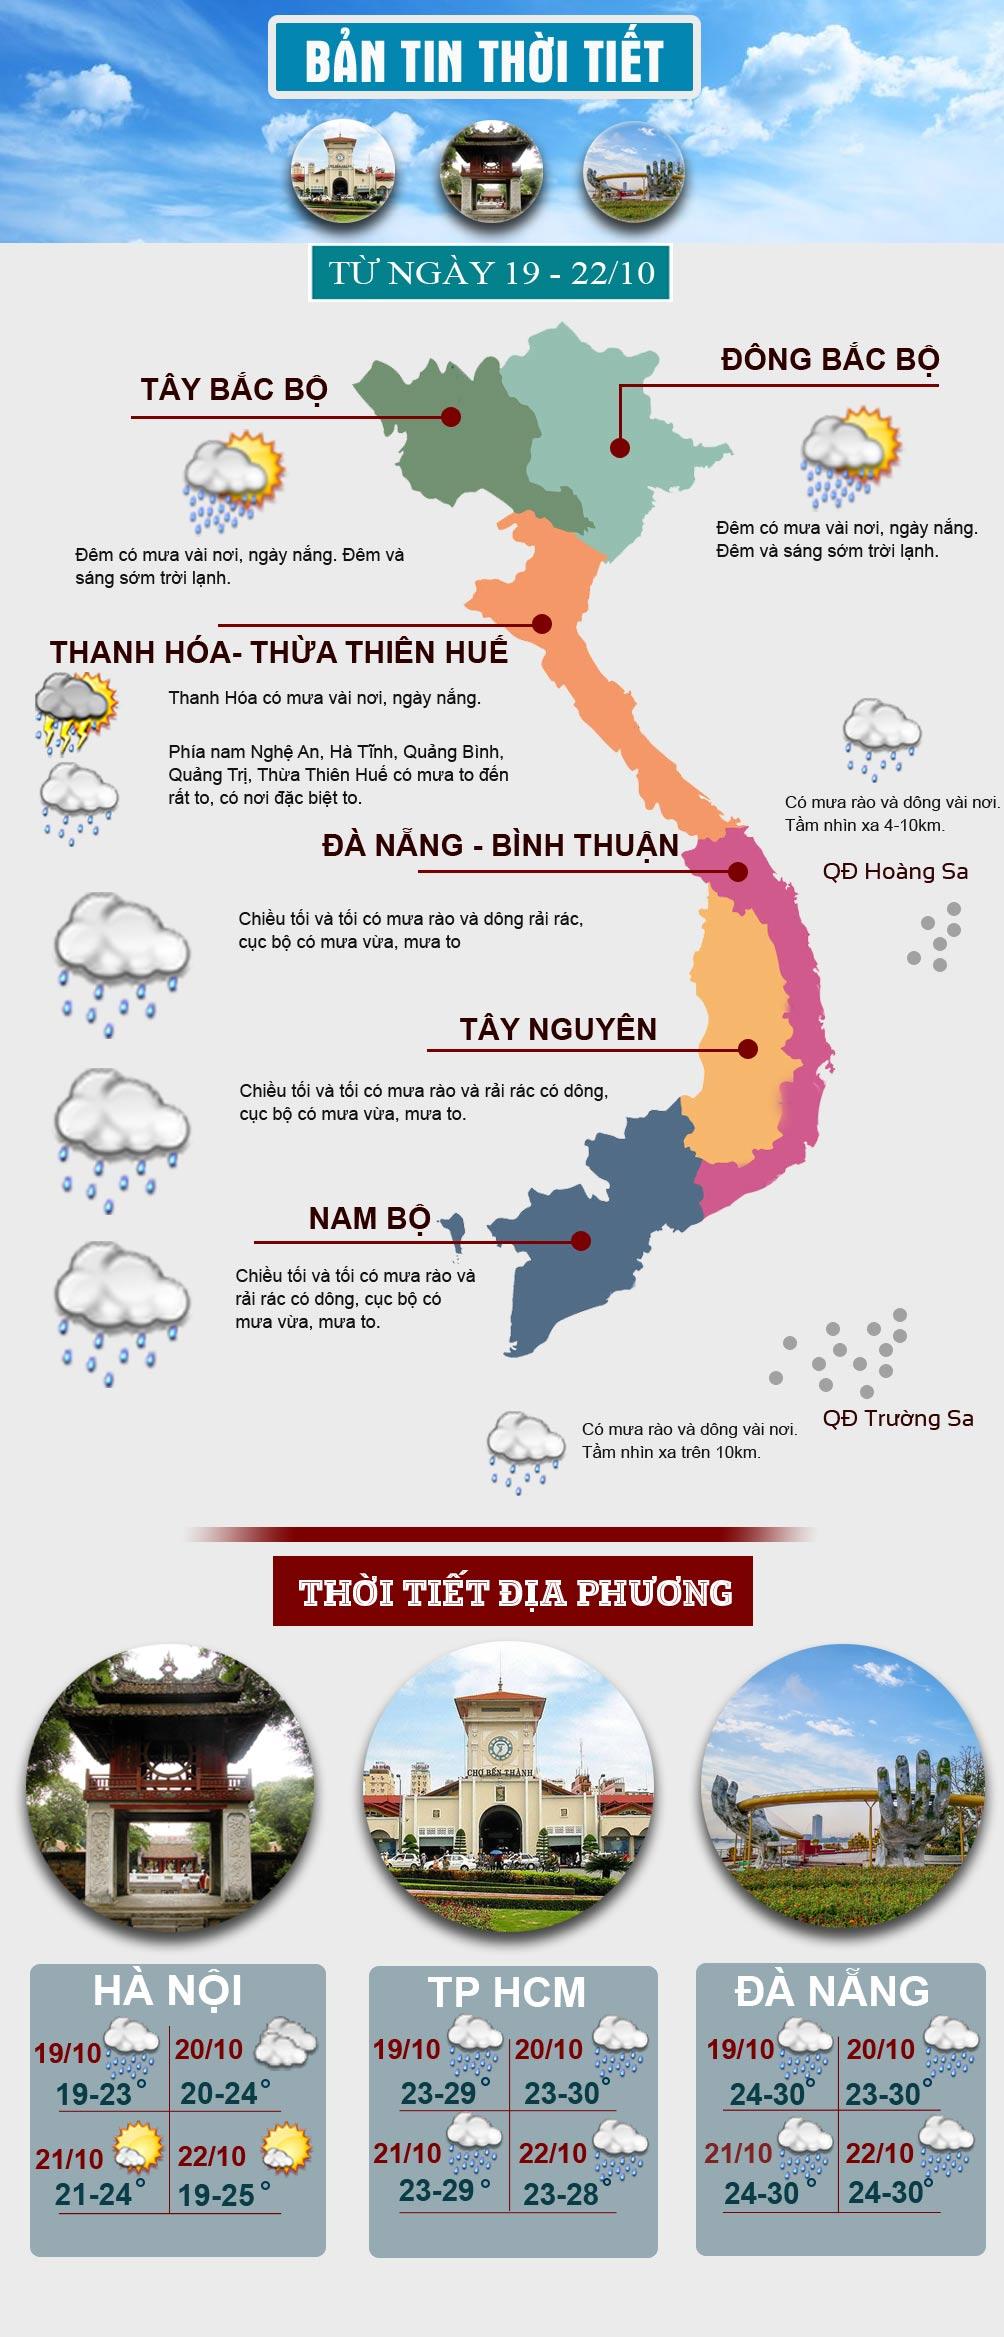 Miền Bắc hửng nắng, miền Trung vẫn chìm trong mưa lũ lịch sử - 1